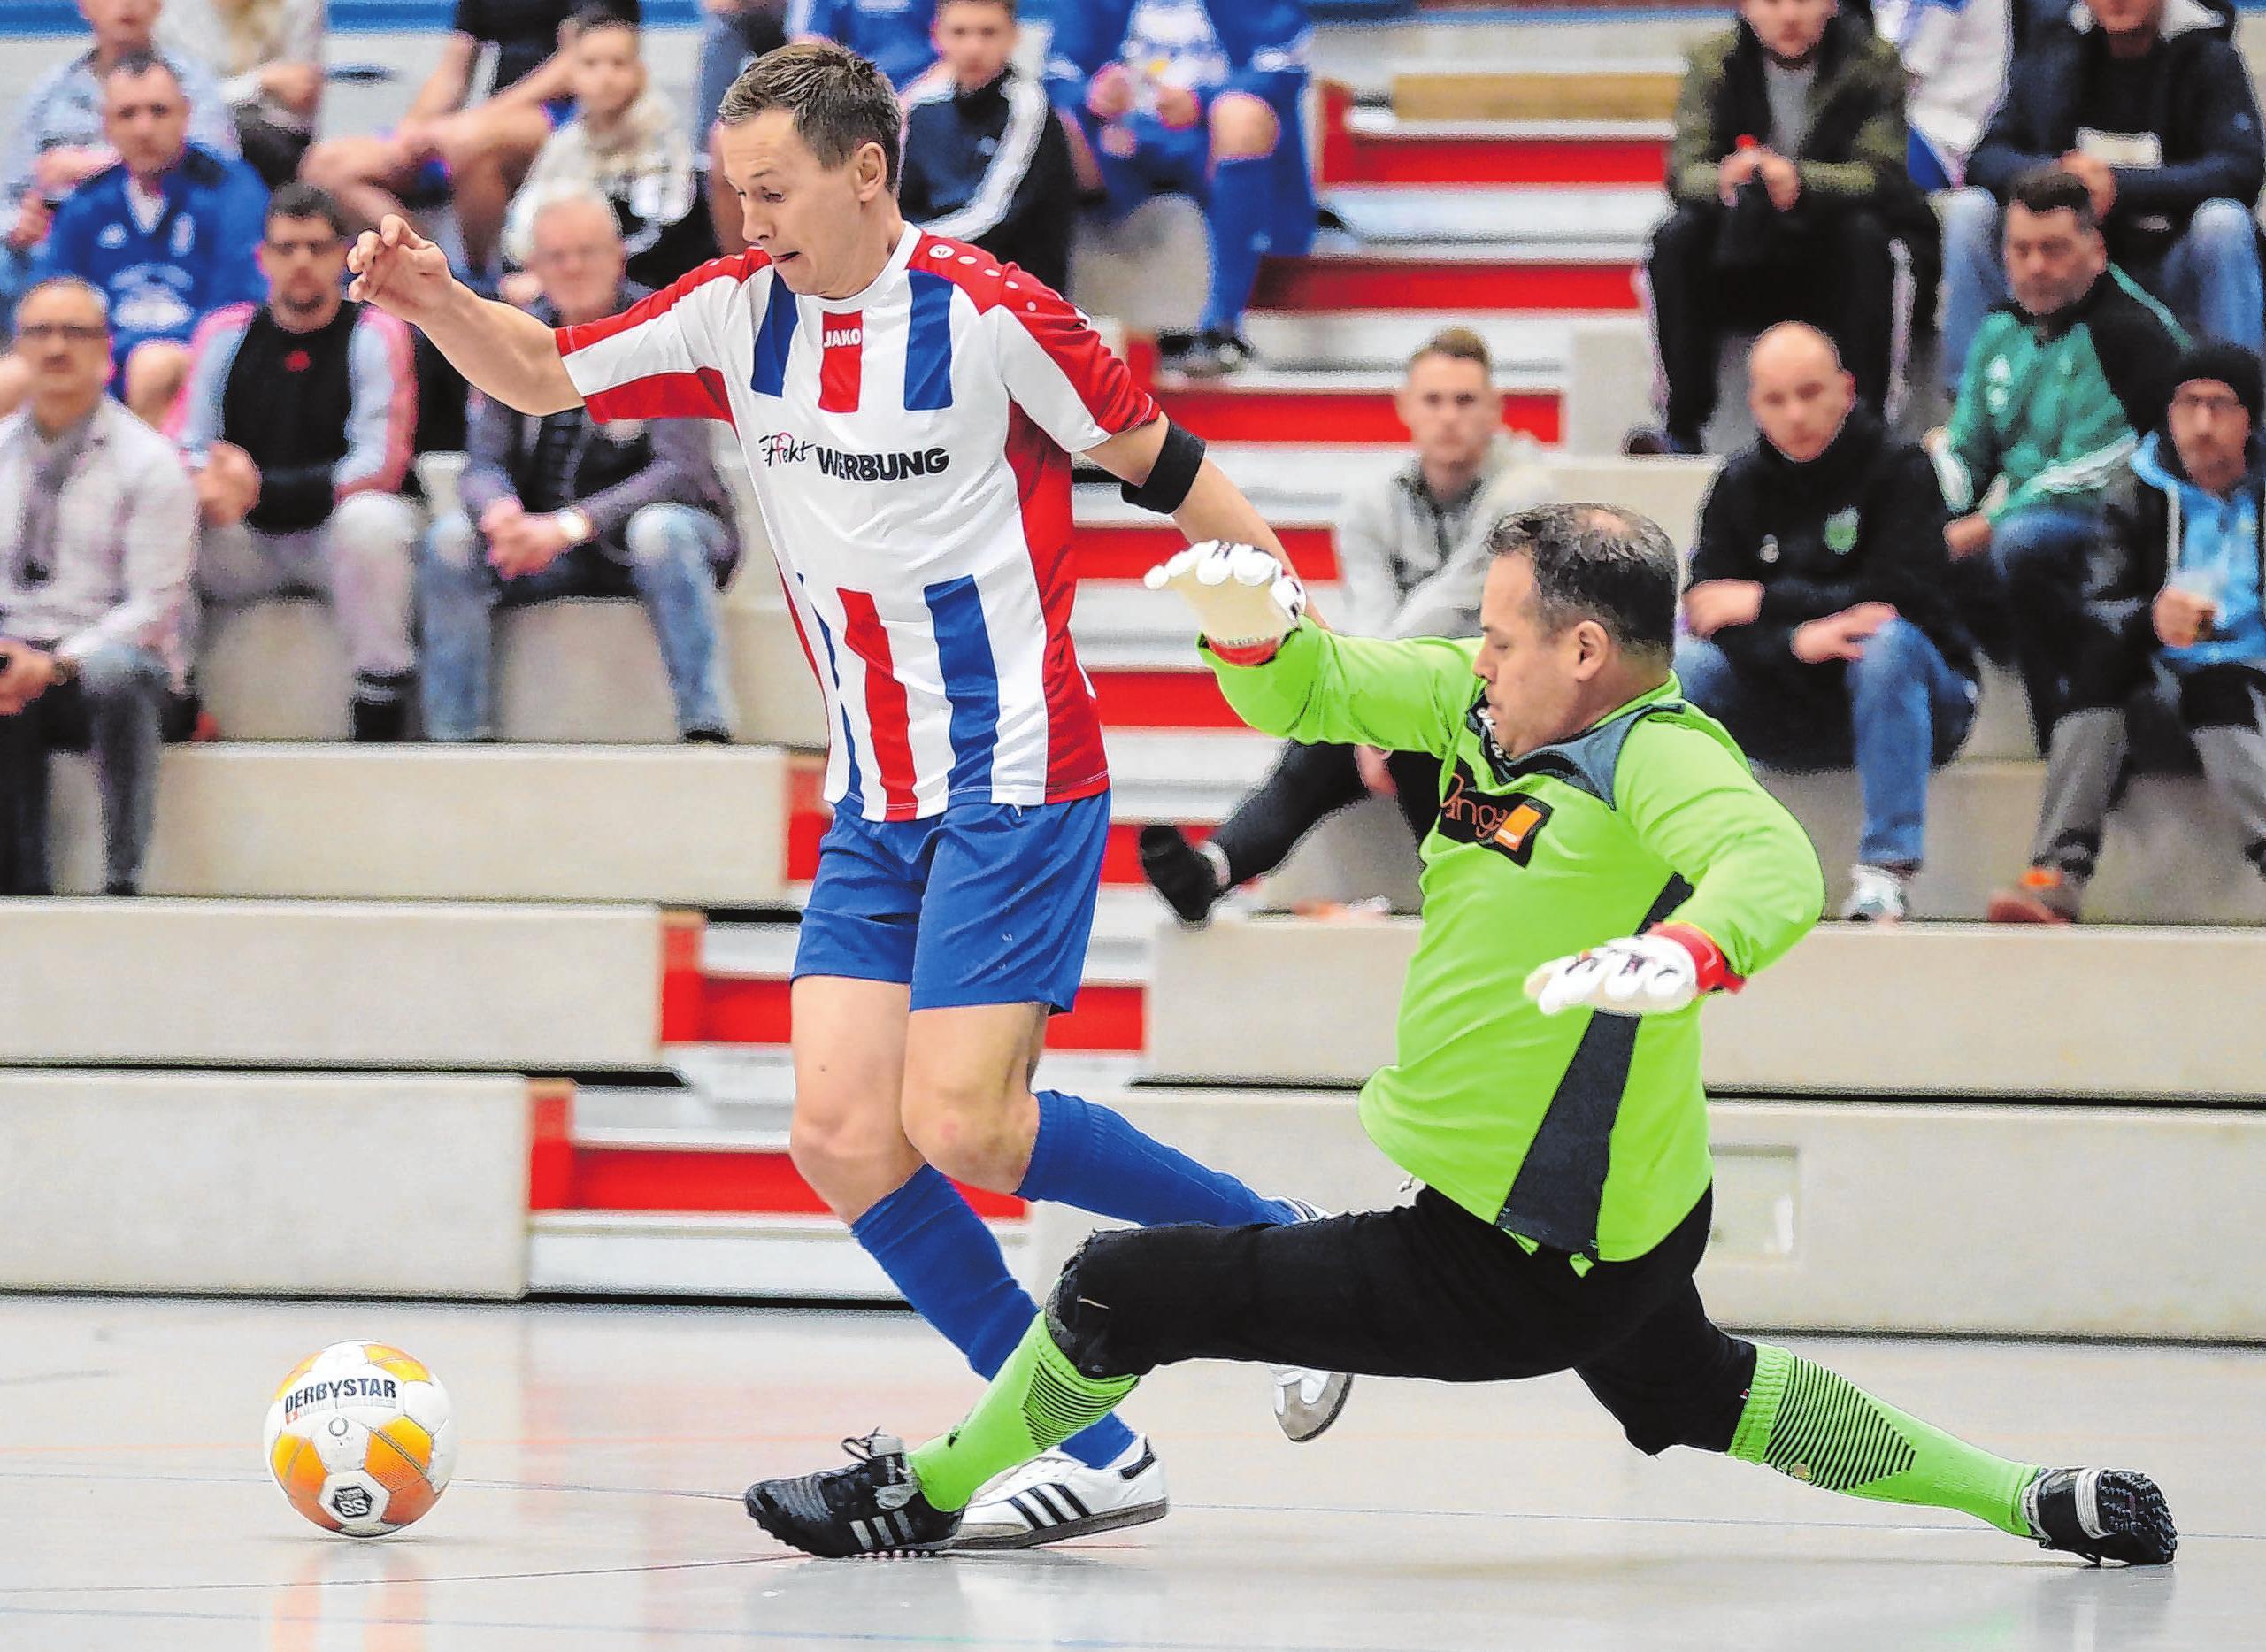 Ein Ü-35-Hallenchampionat wurde gespielt (hier Gramzow gegen City Schwedt). Meister wurde der FC Schwedt.